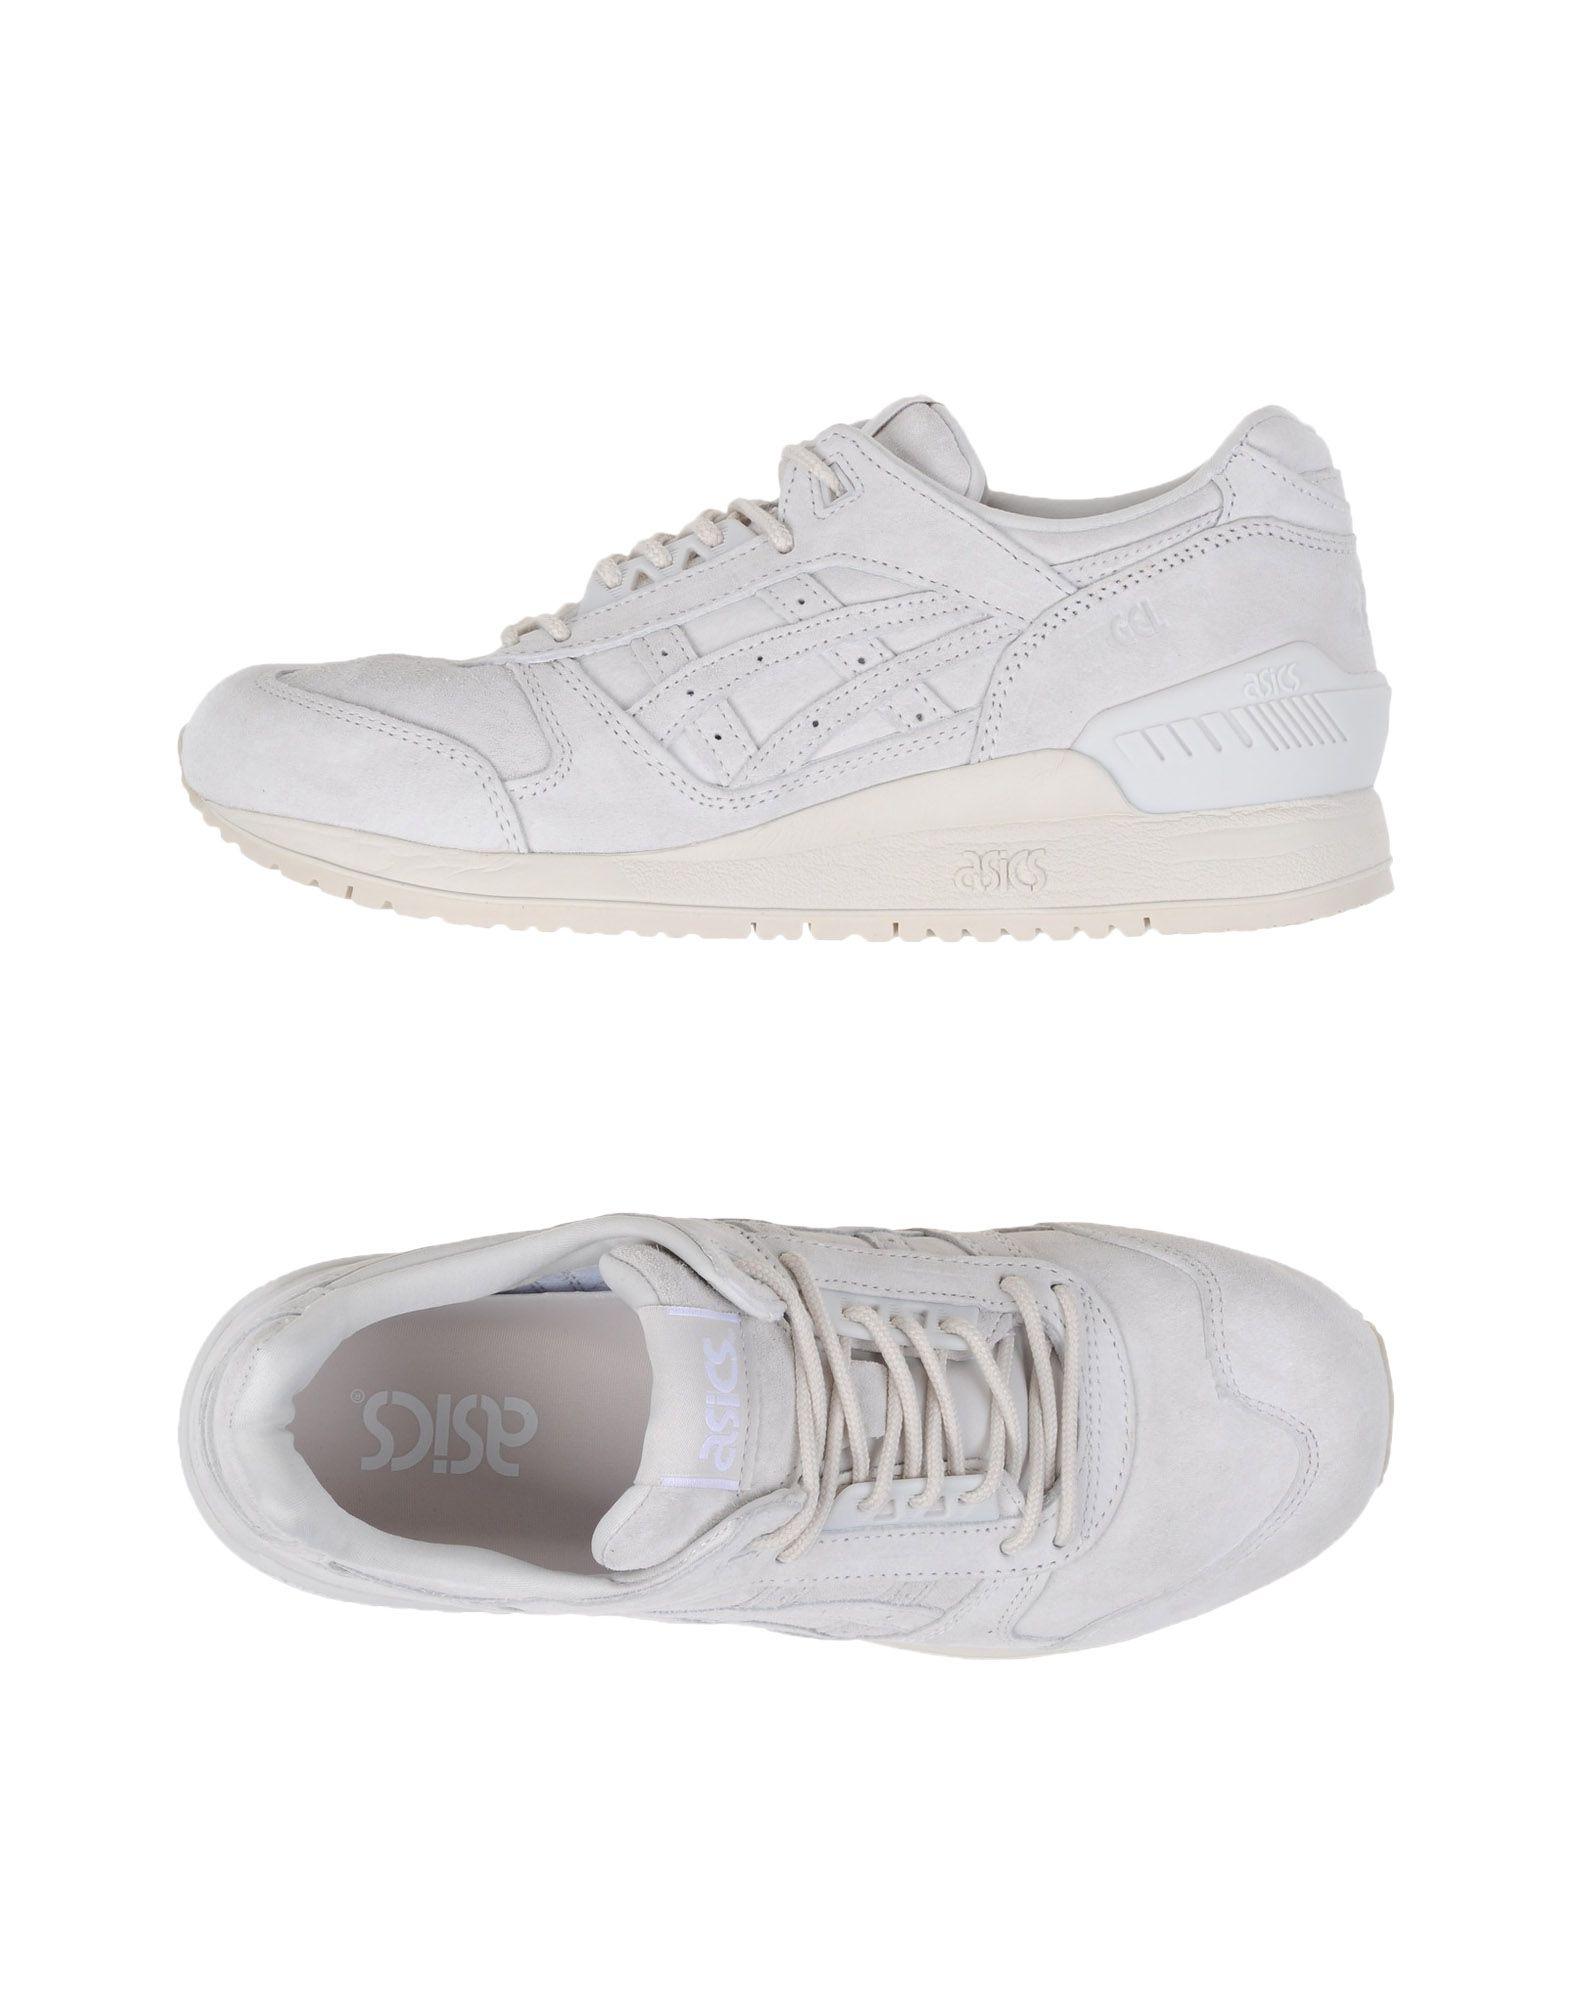 Asics Tiger Gel-Respector - Sneakers - online Women Asics Tiger Sneakers online - on  United Kingdom - 11113433XX 2d6c27